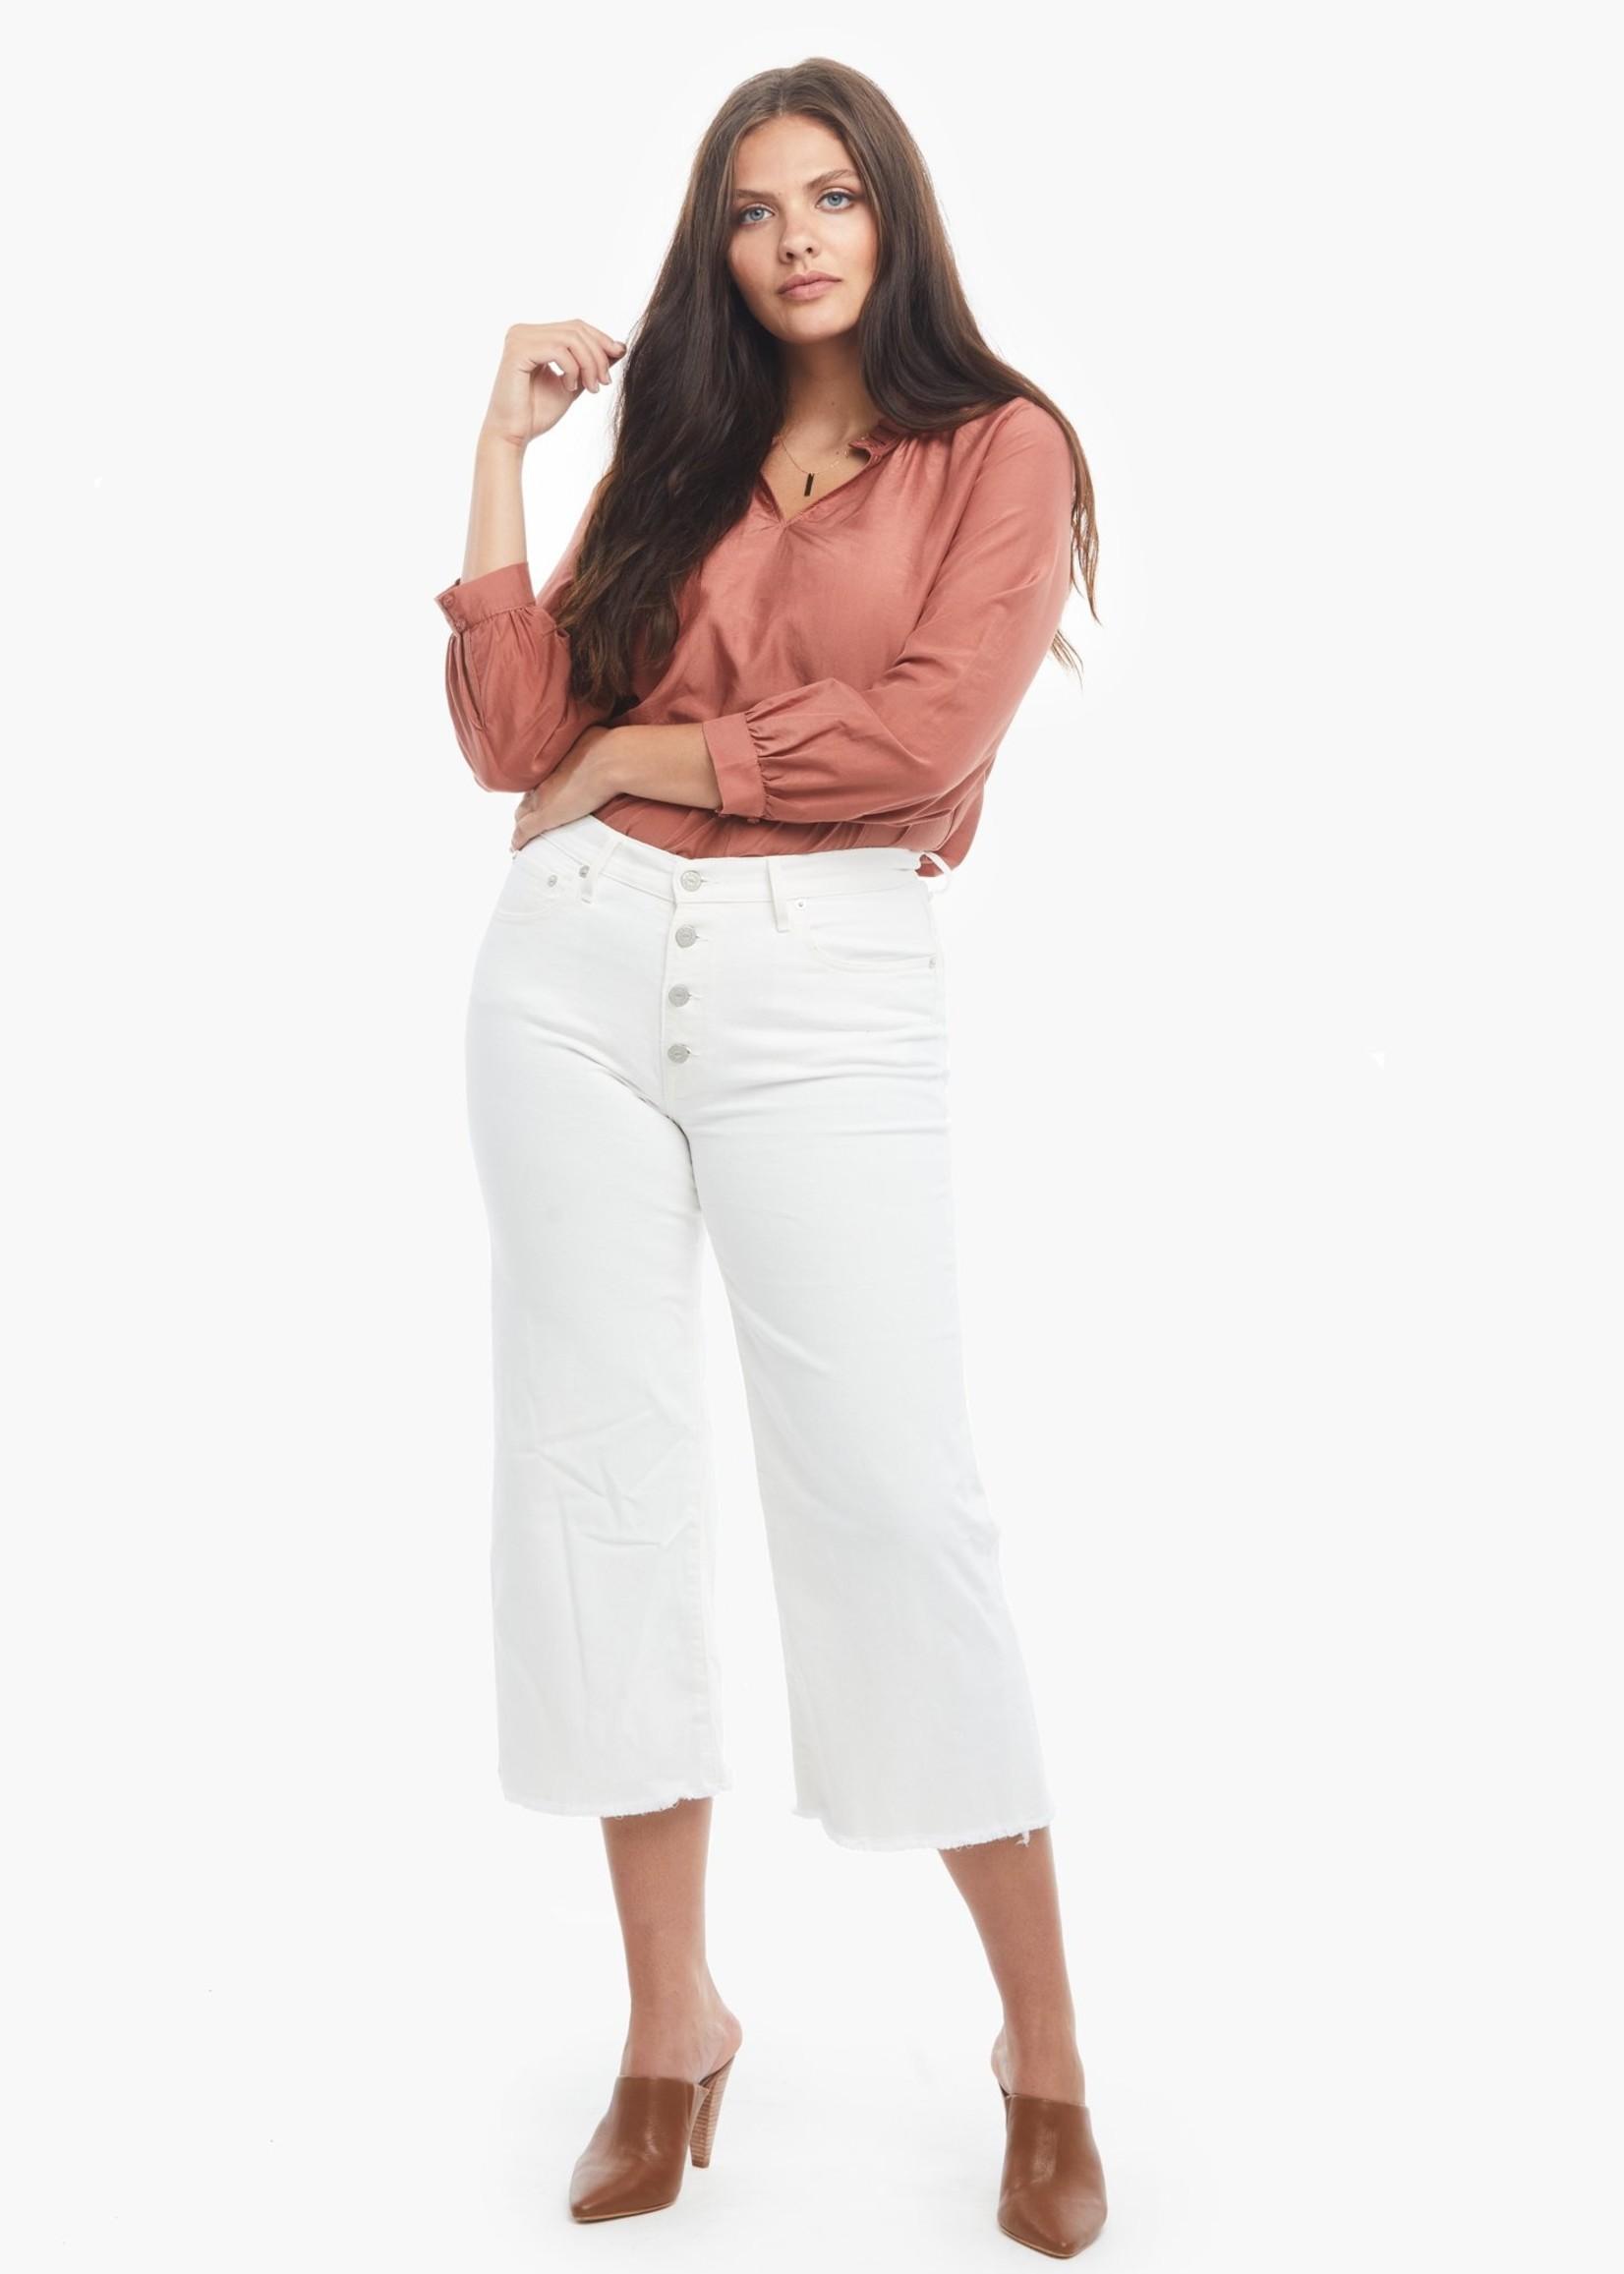 Elitaire Boutique Jenna Caramel Mule